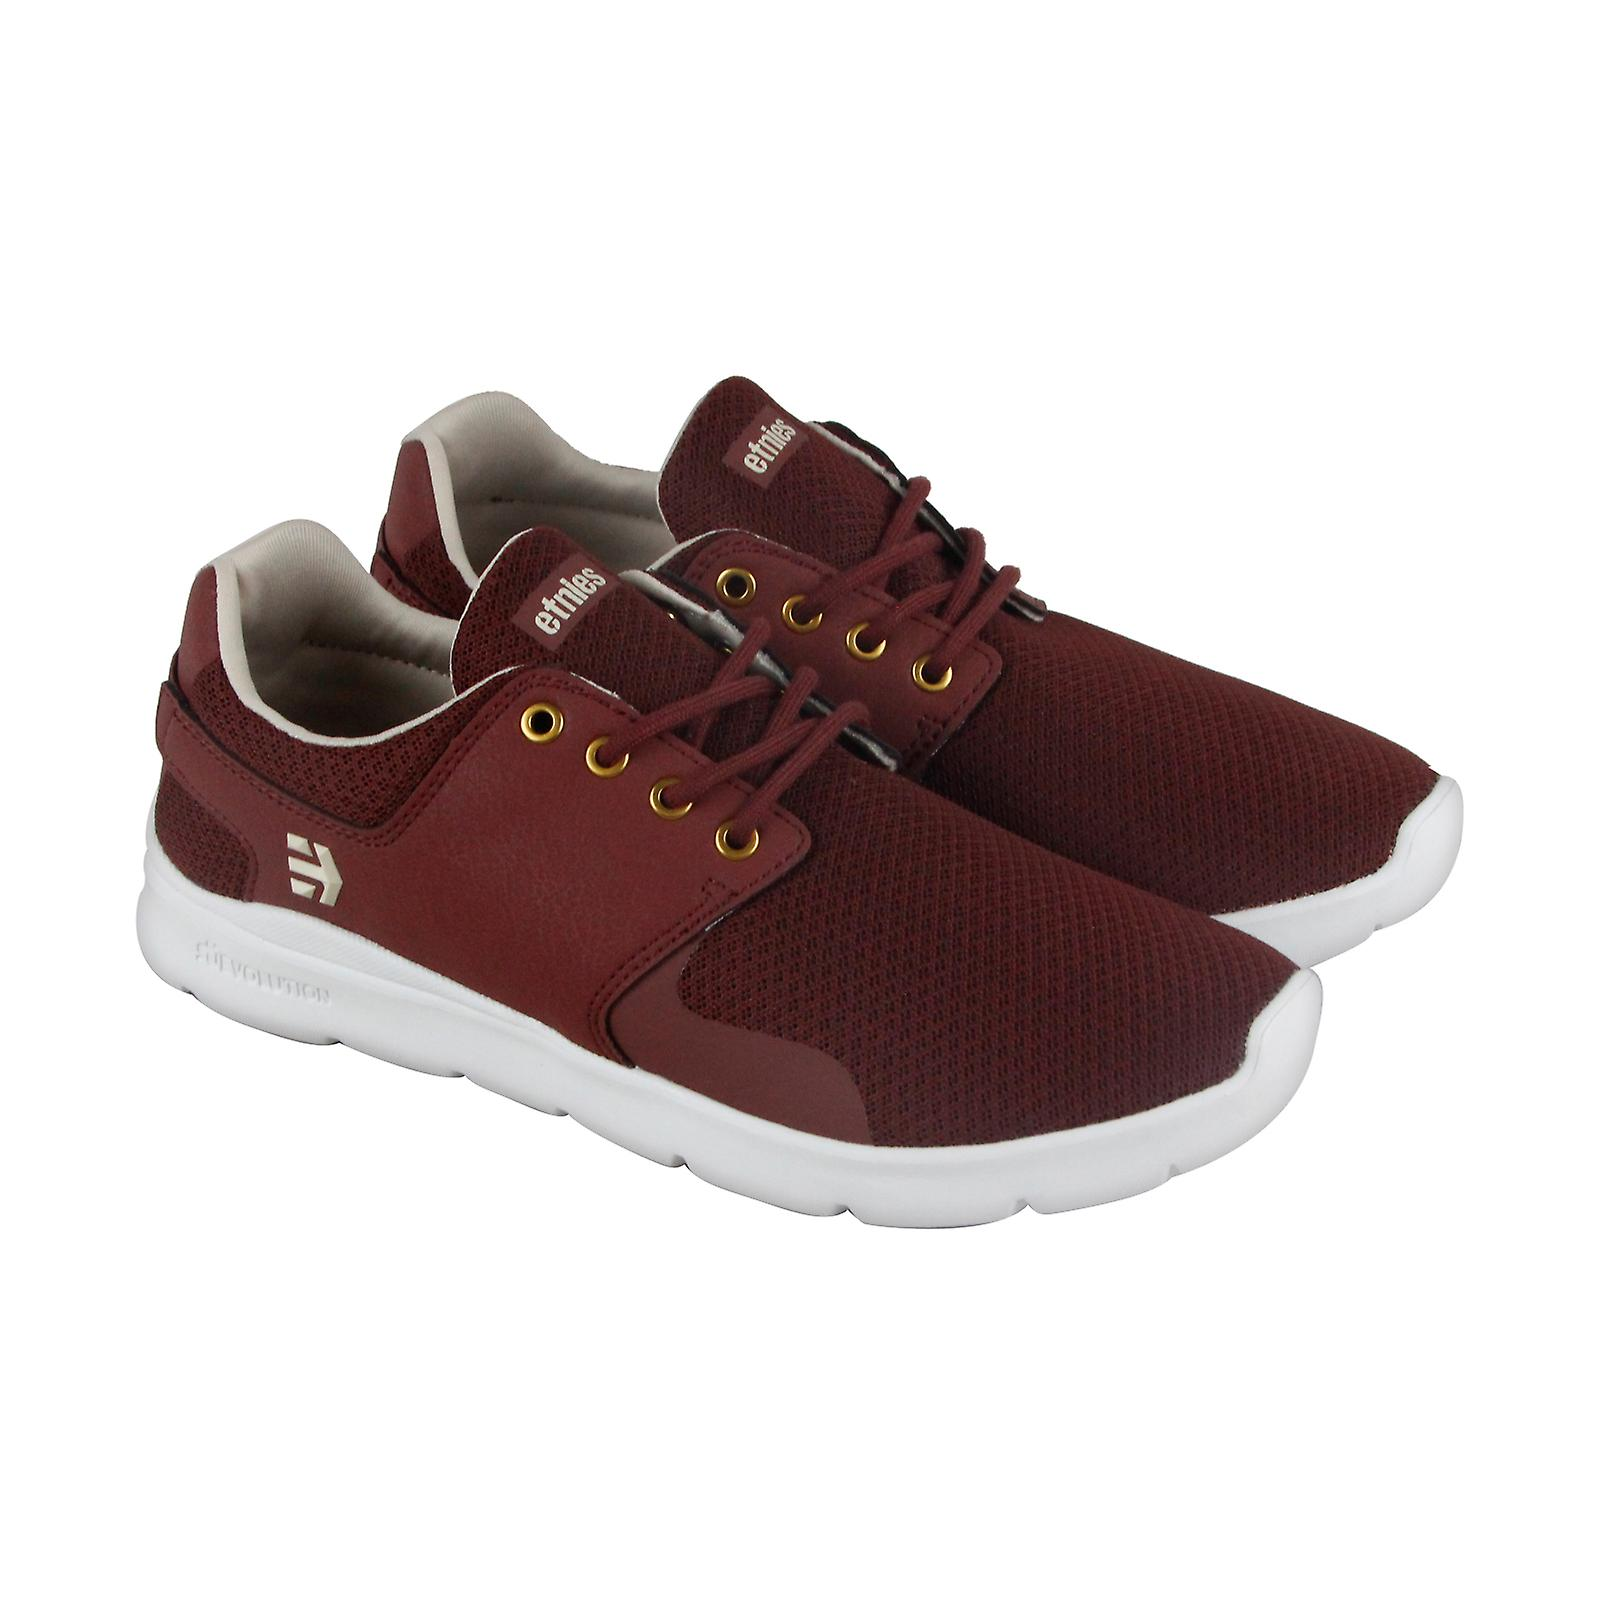 fa2294541ebd81 Etnies Scout Xt Mens Red Textile Lace Up Skate Shoes